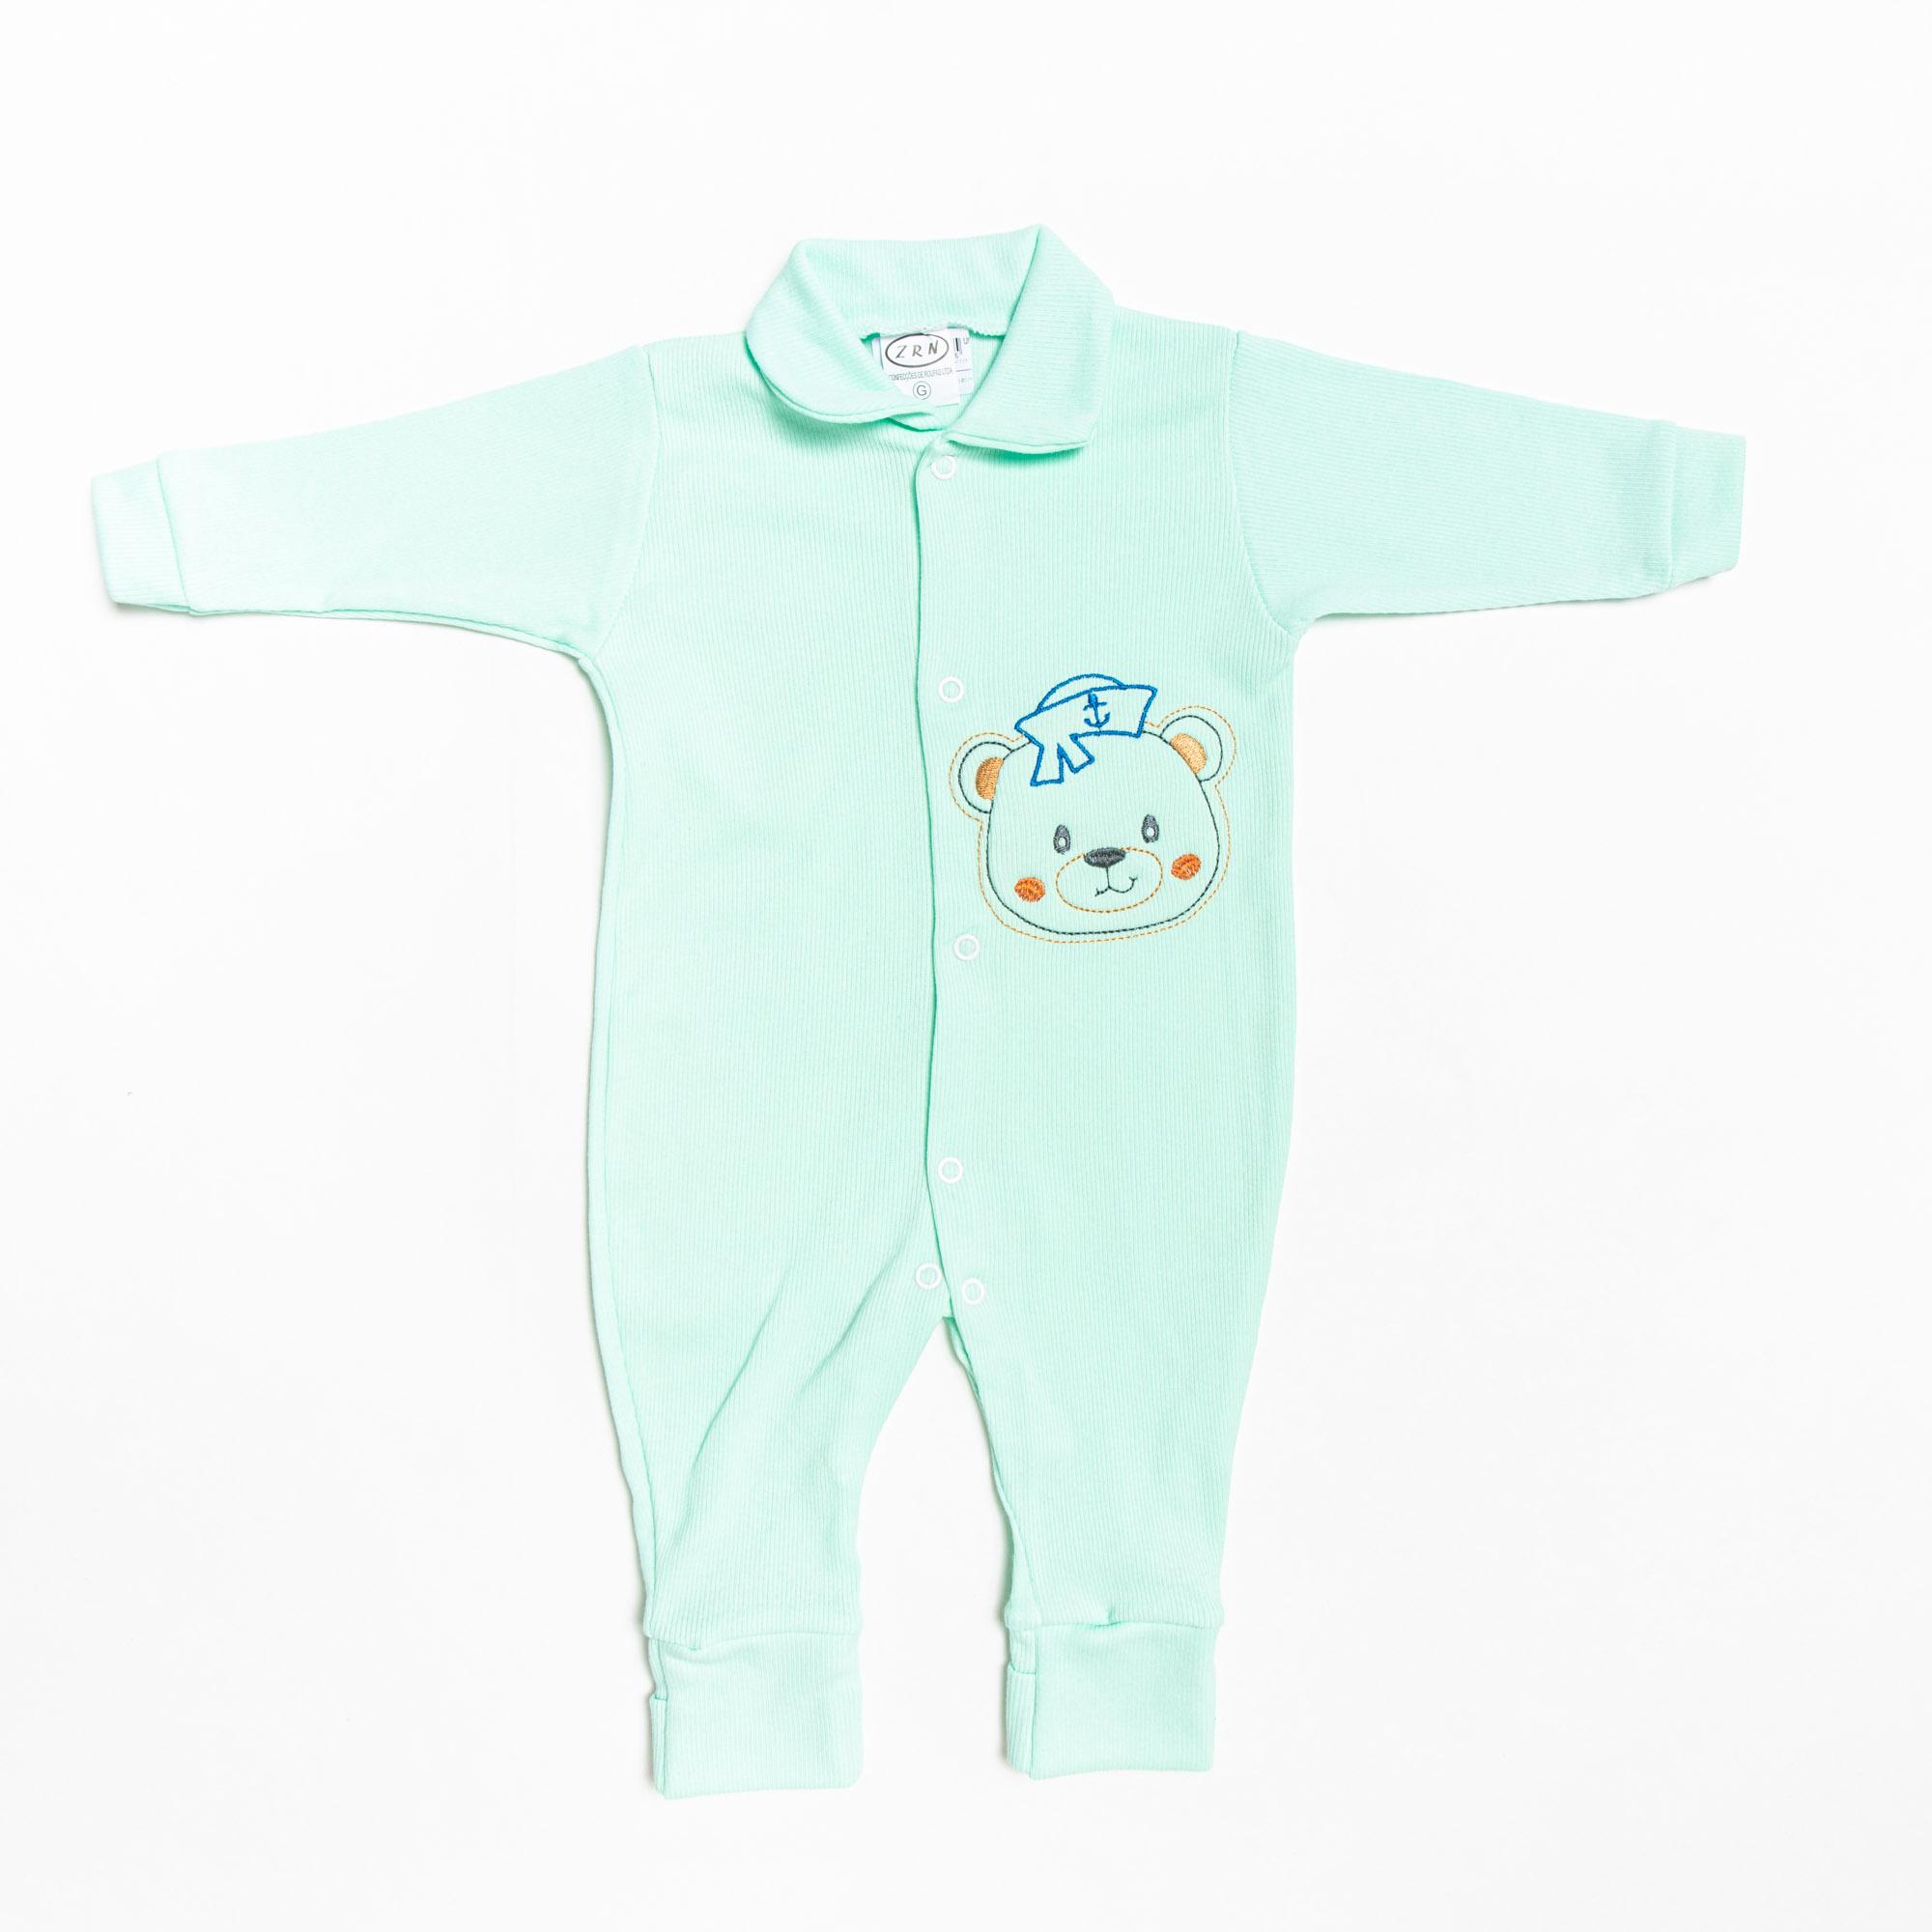 Macacão De Bebê Longo Canelado